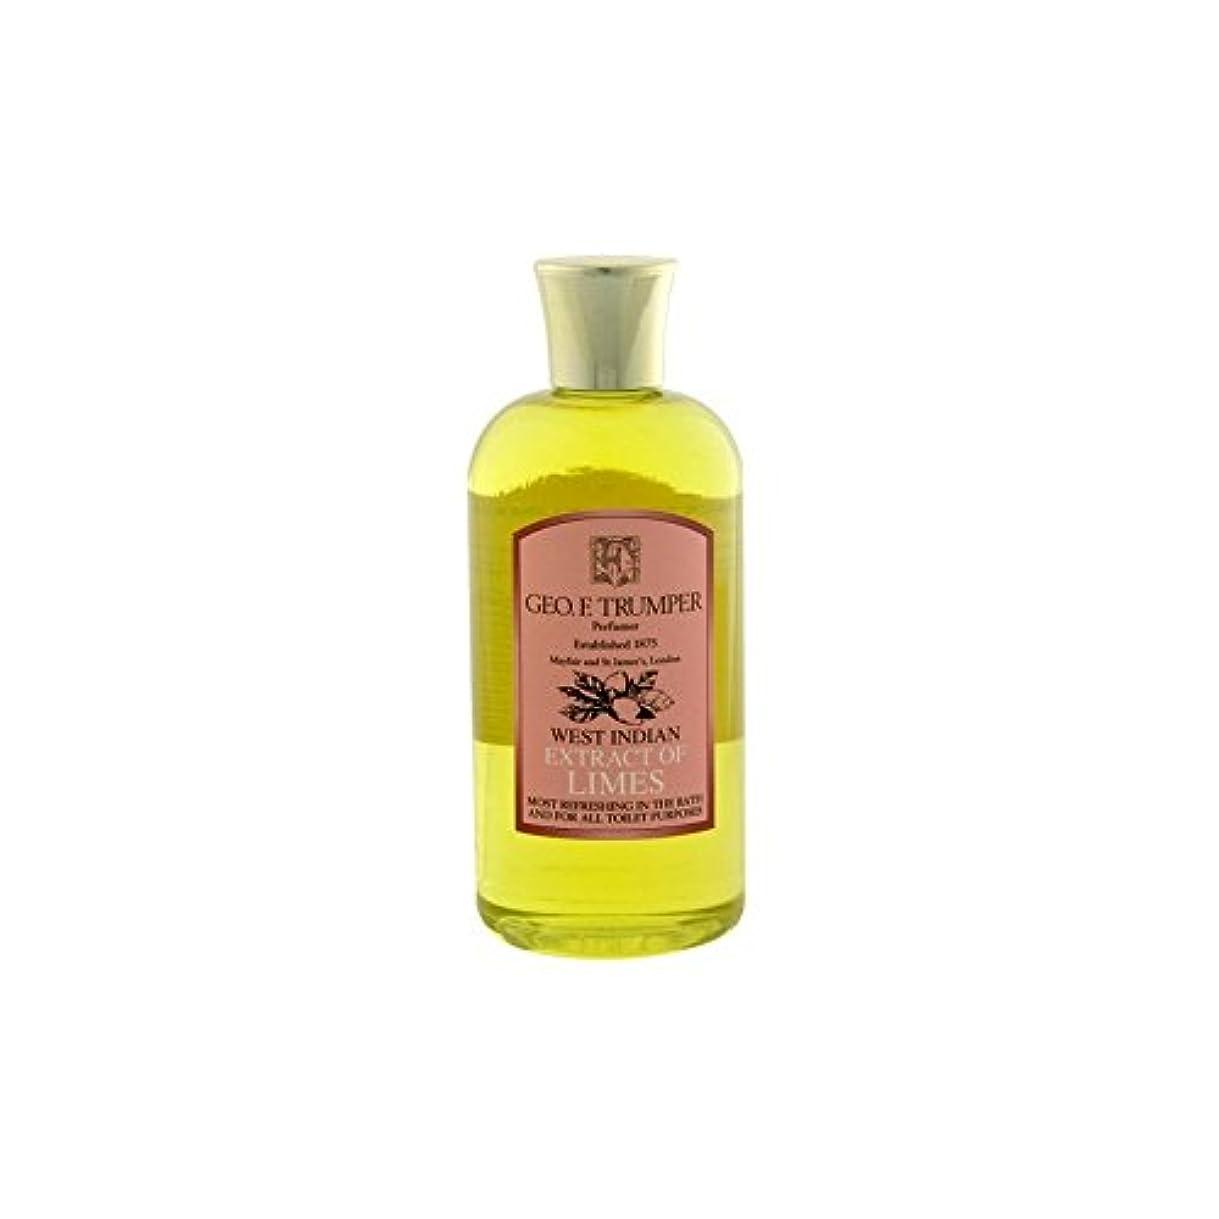 散文わずかな長くするTrumpers Limes Bath & Shower Gel - 500ml Travel - ライムのバス&シャワージェル - 500ミリリットル旅 [並行輸入品]